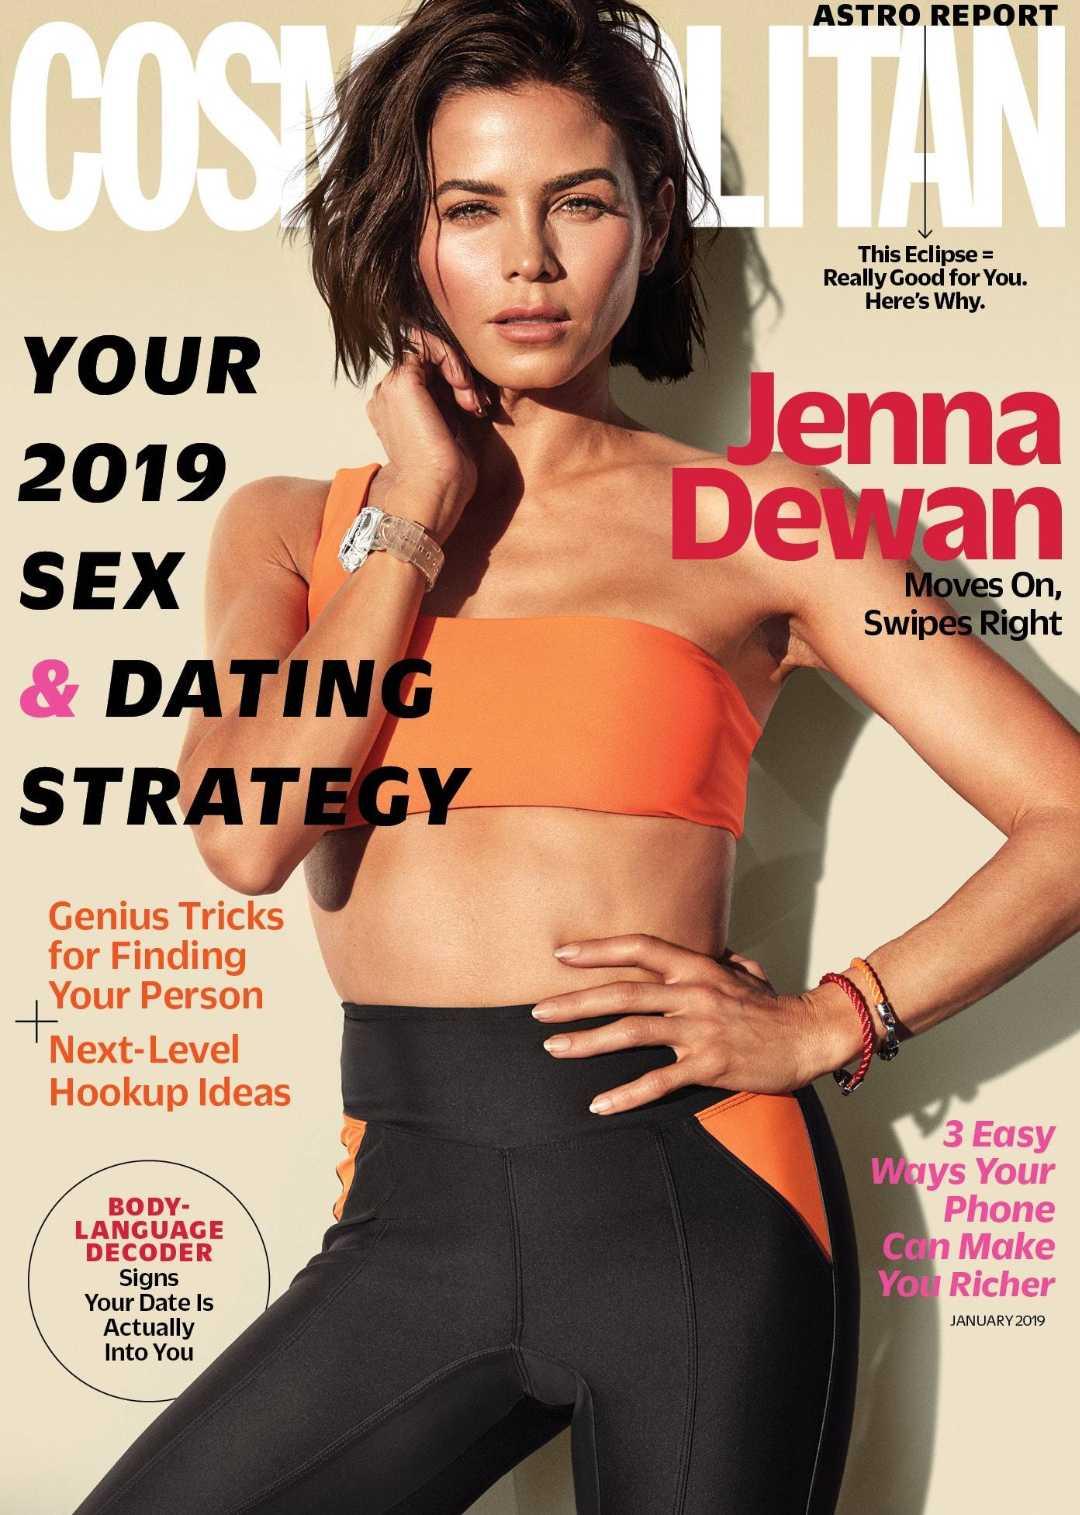 cosmopolitan-cover-jan2019